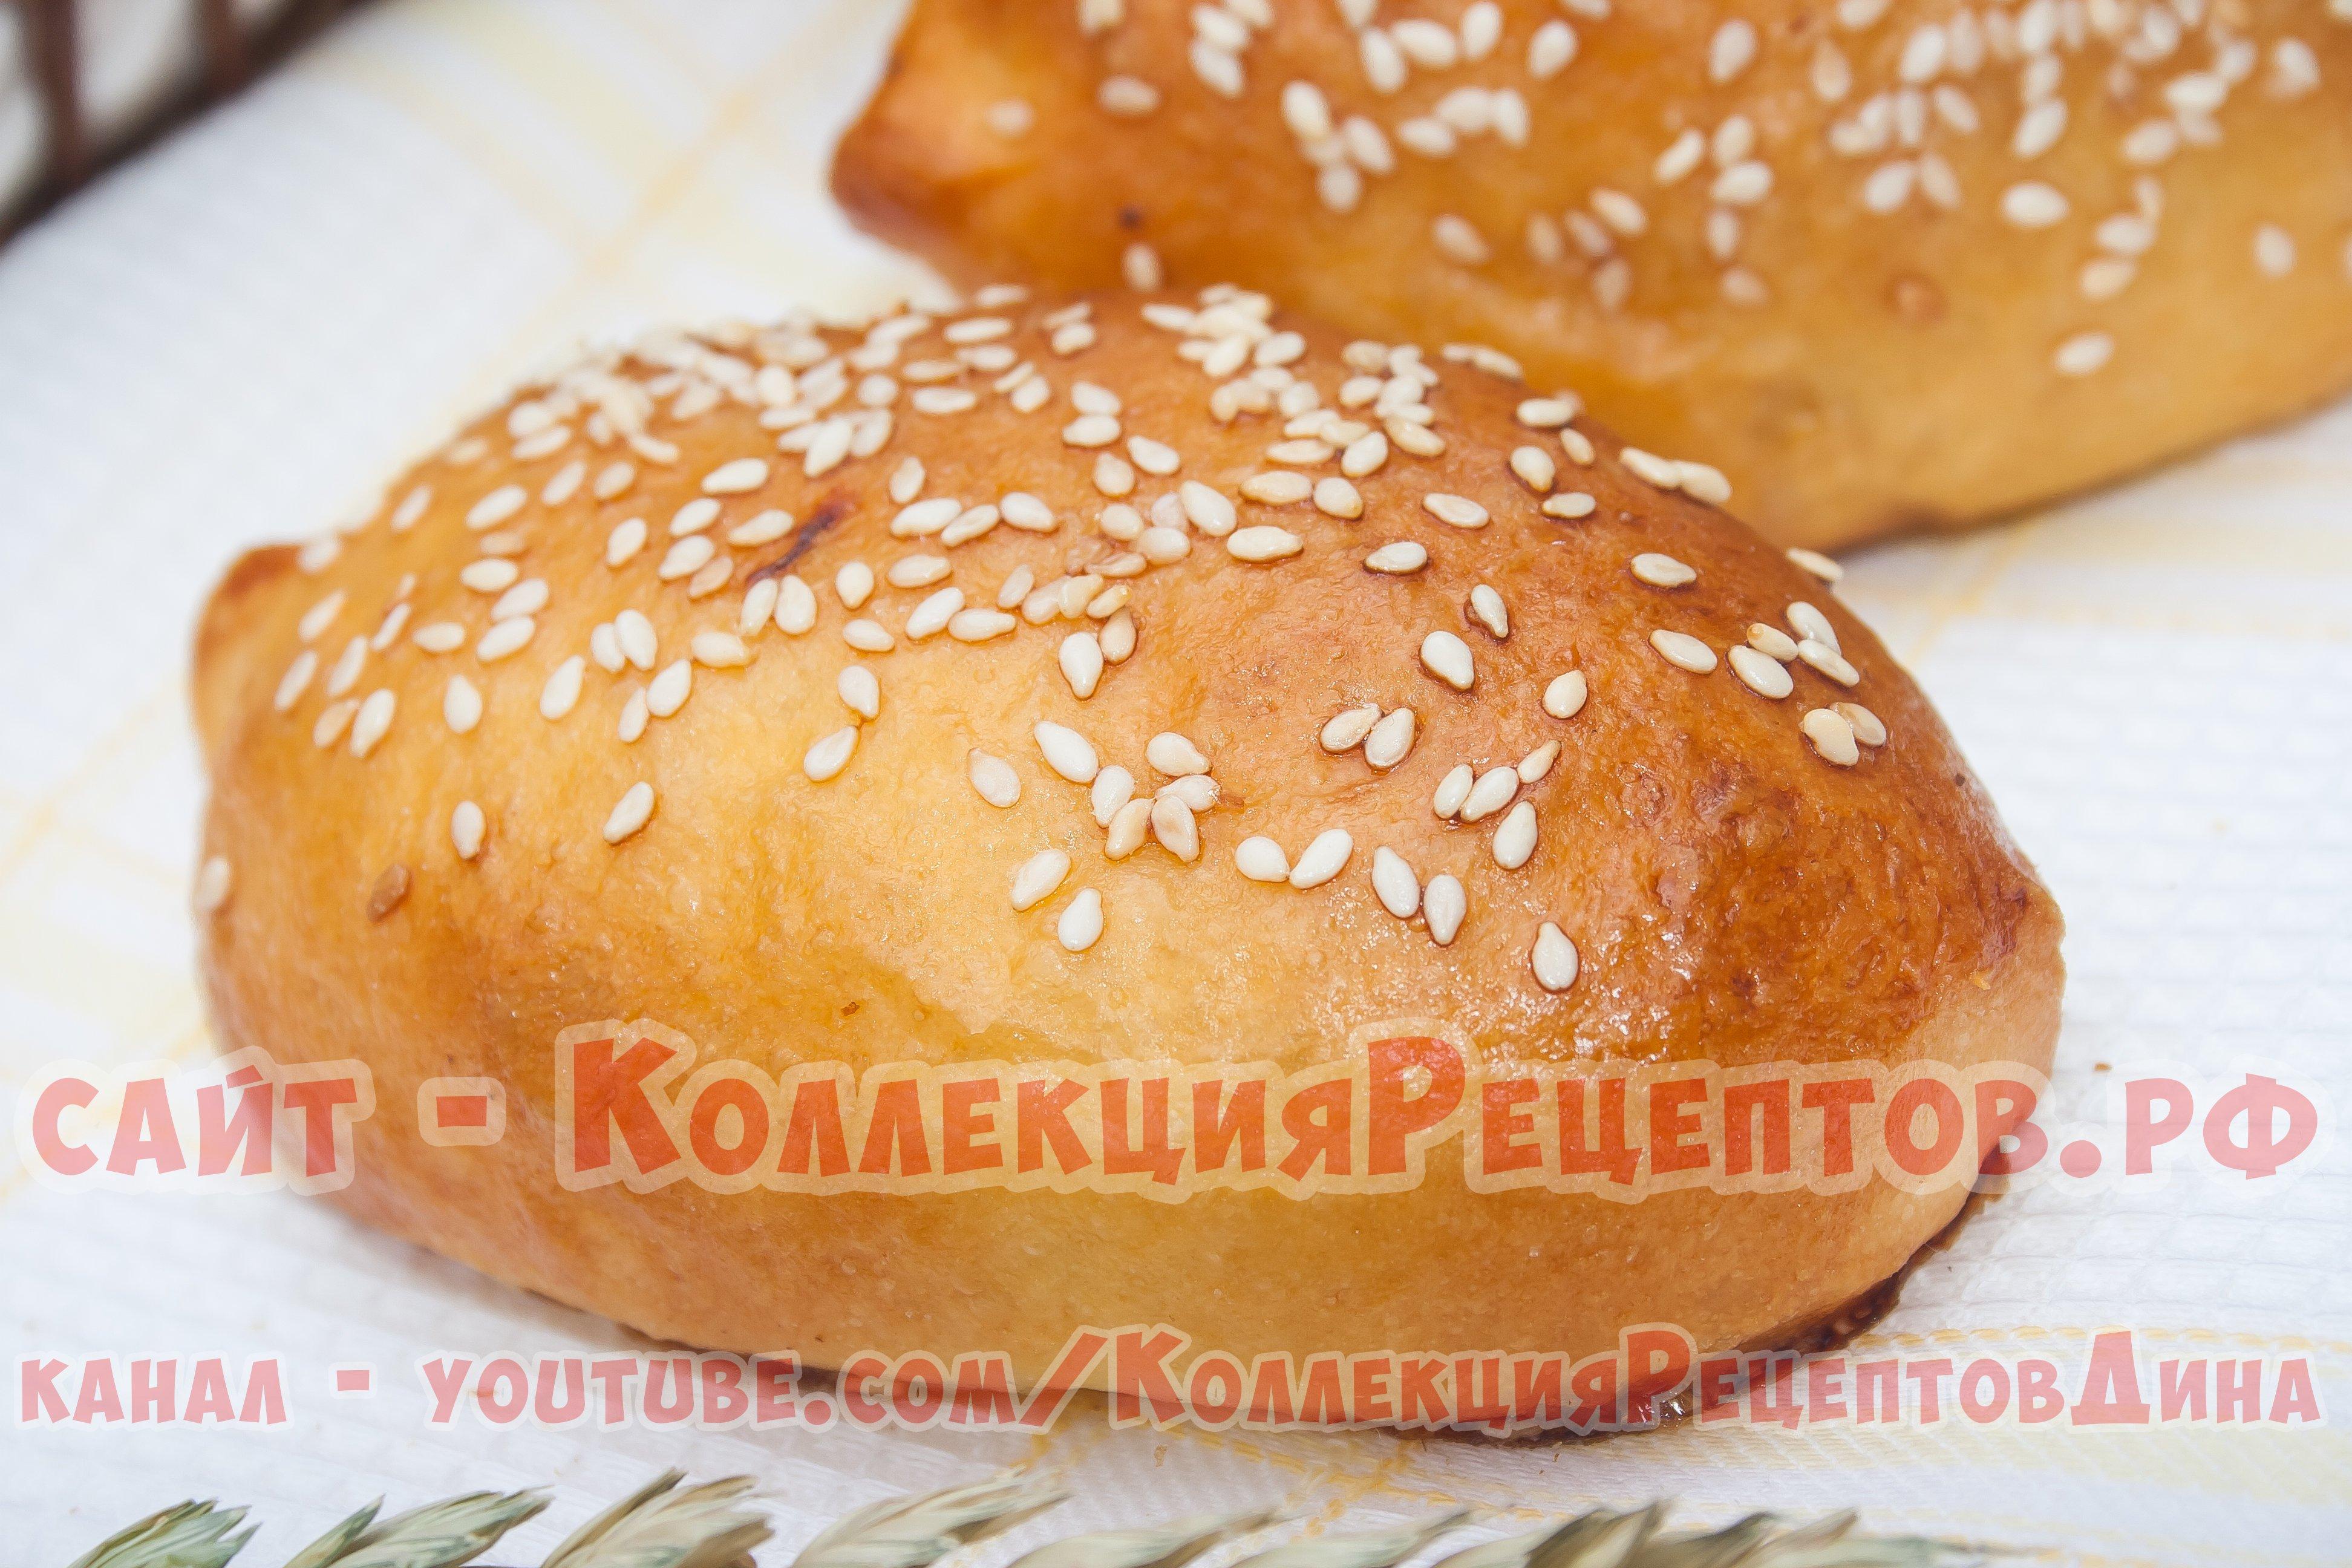 Рецепт пирожков с капустой в духовке из дрожжевого теста пошагово в